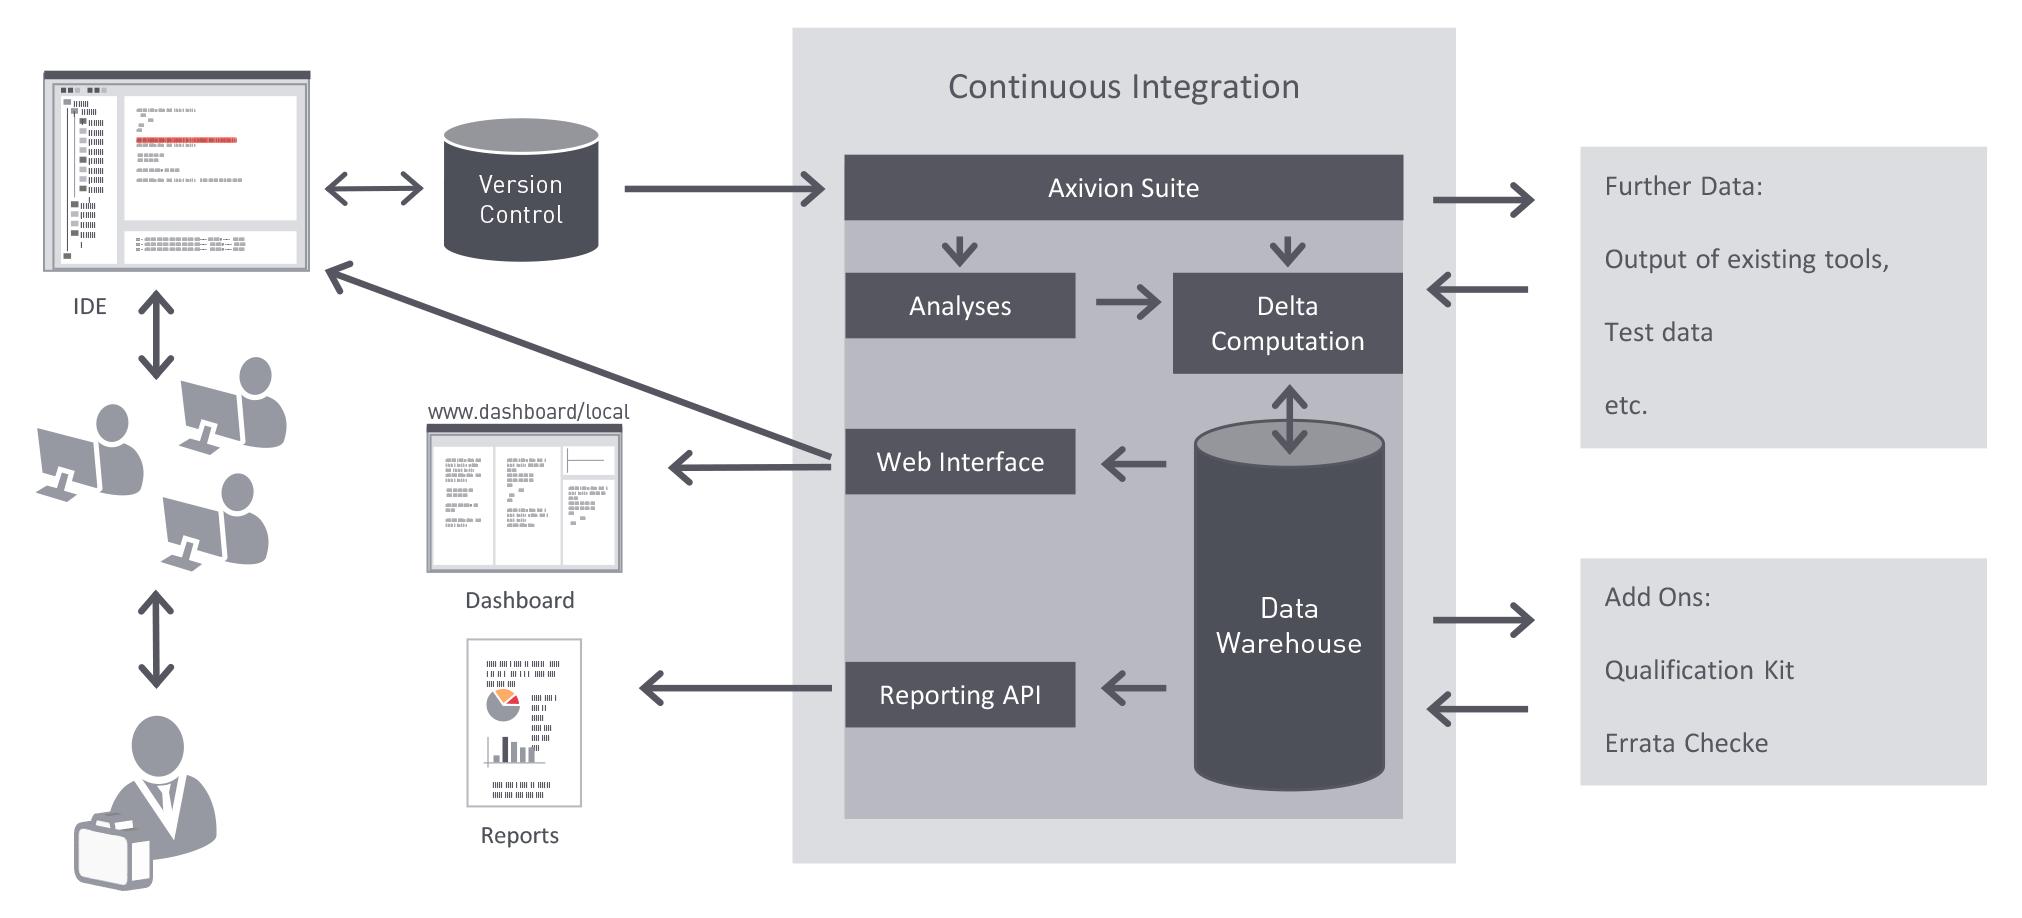 Dieses Bild zeigt weitere Features sowie den Kreislauf wo die Axivion Suite eingesetzt wird (z.B. Continuous Integration, Versionskontrolle, Dashboard, Webinterface, UI).